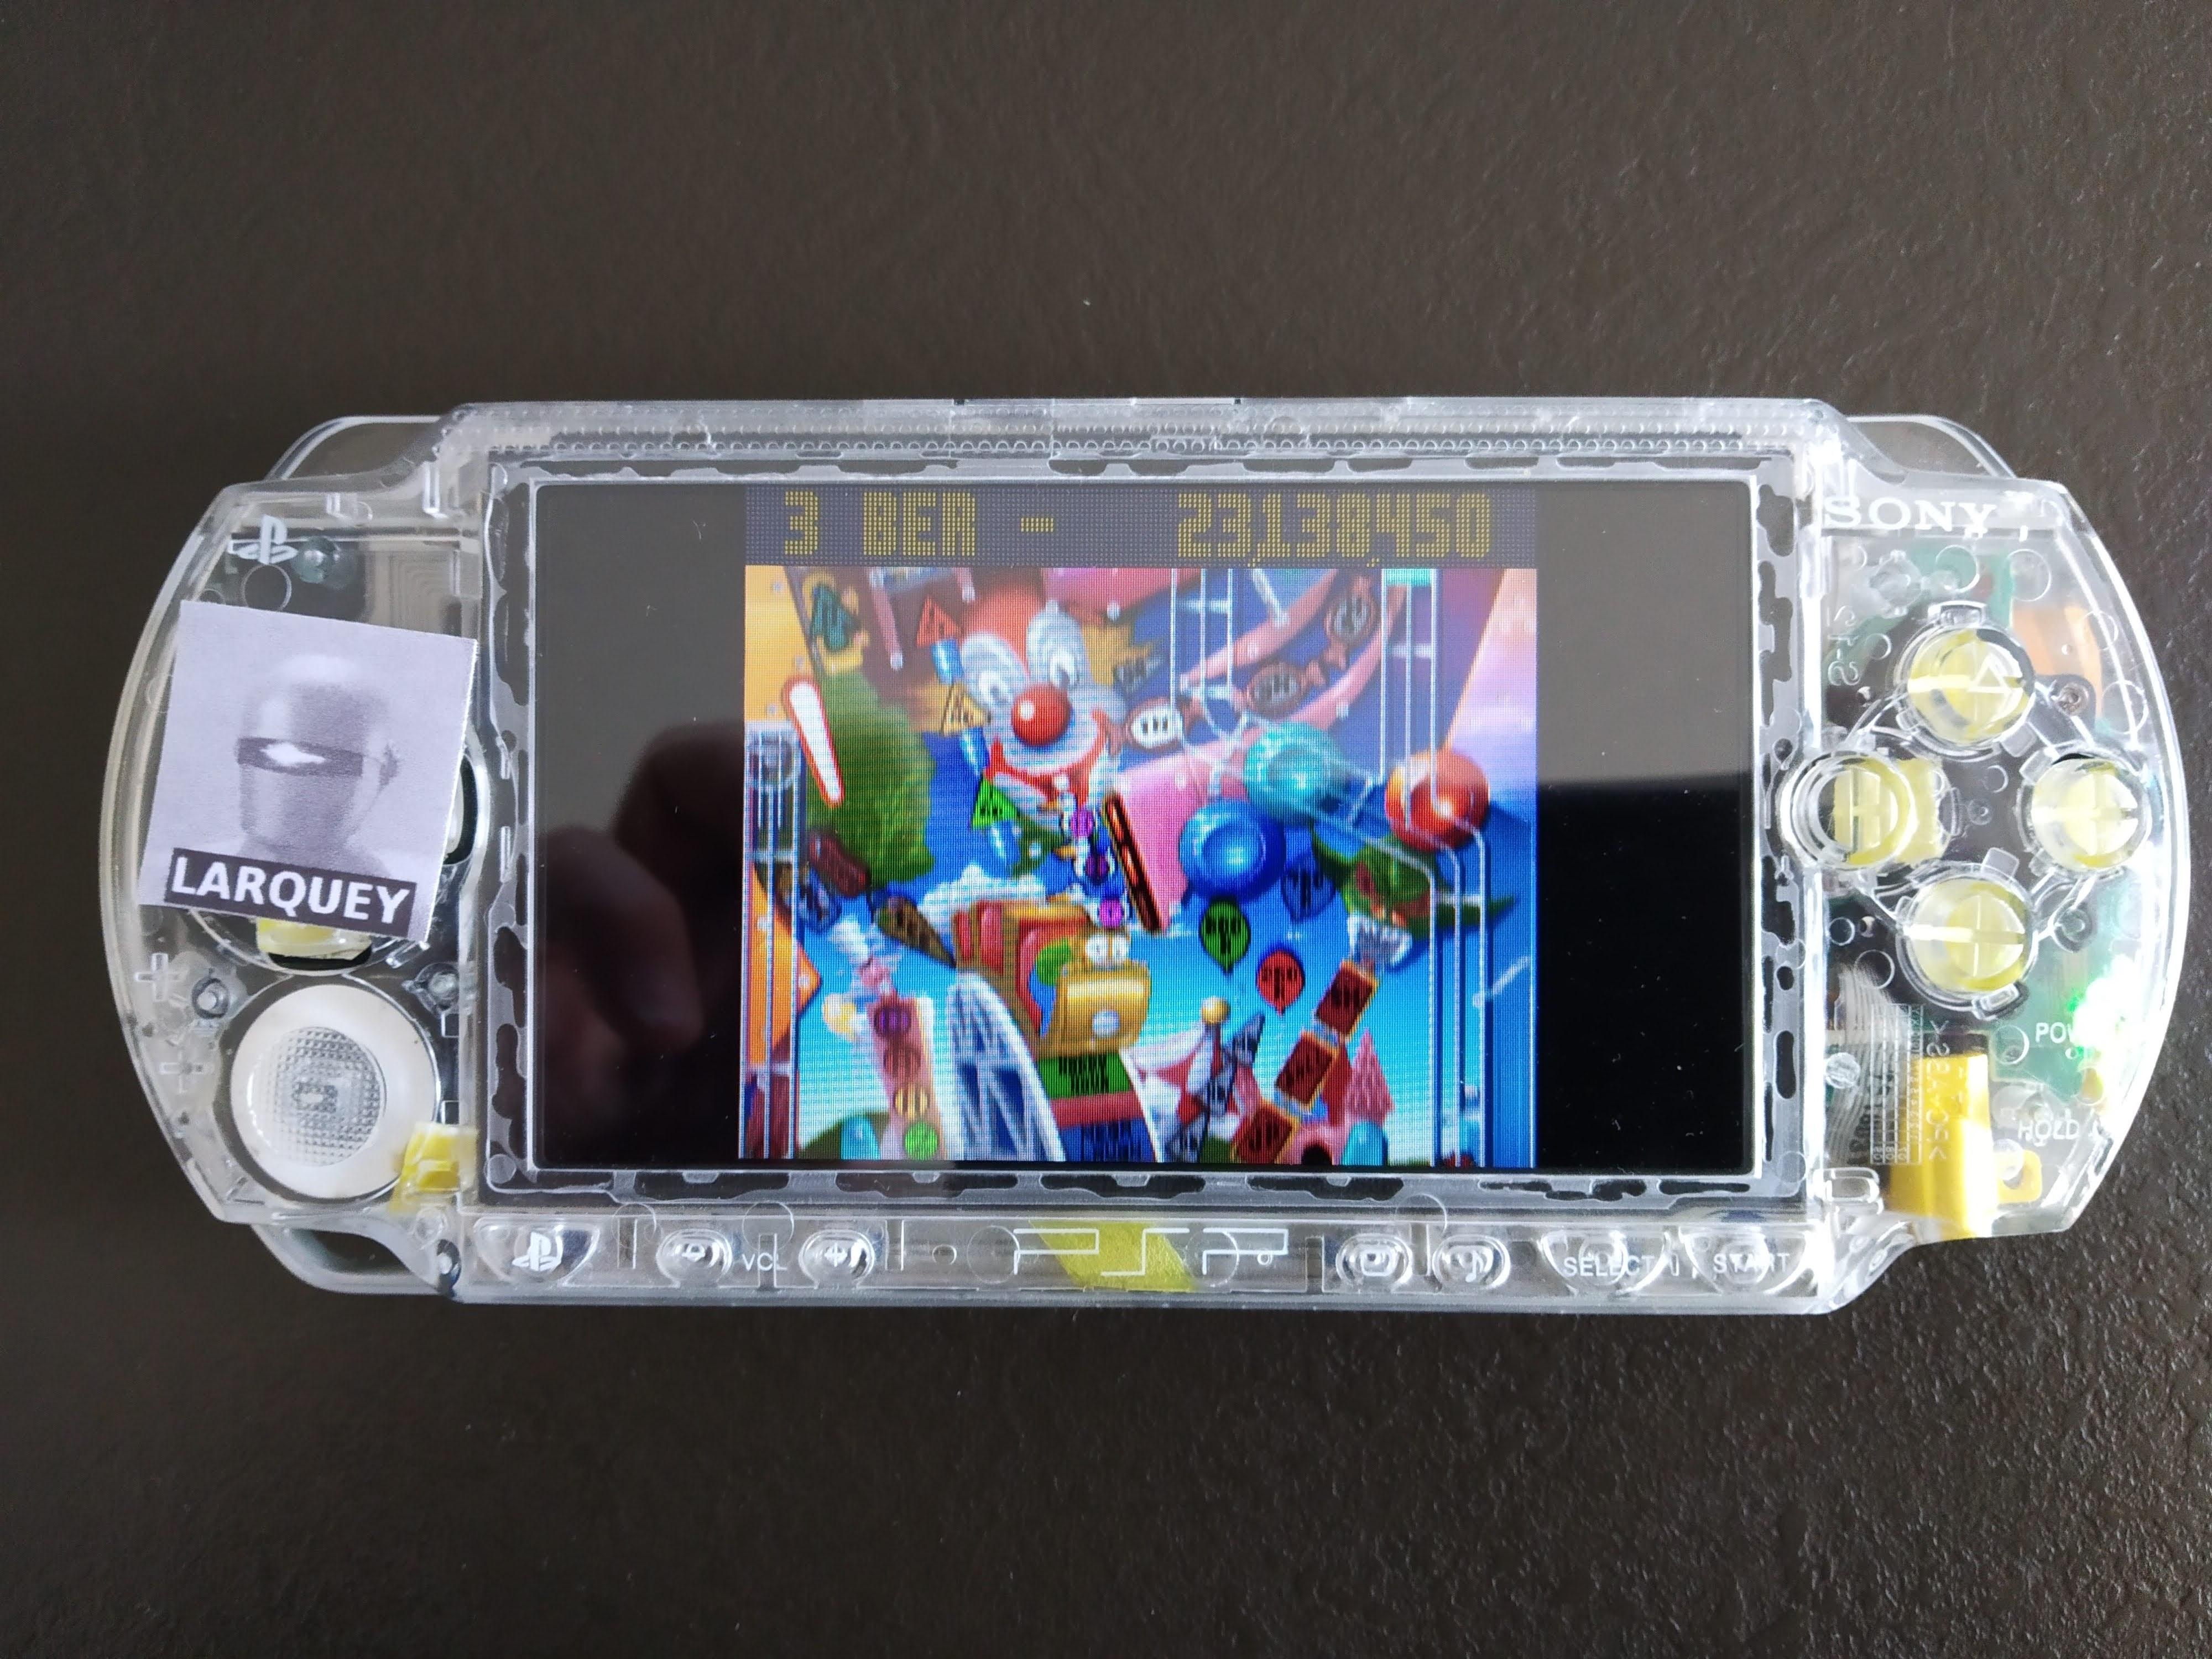 Larquey: Mega minis Volume 1: Pinball Fantasies: Partyland (PSP) 23,138,450 points on 2020-07-25 12:16:55